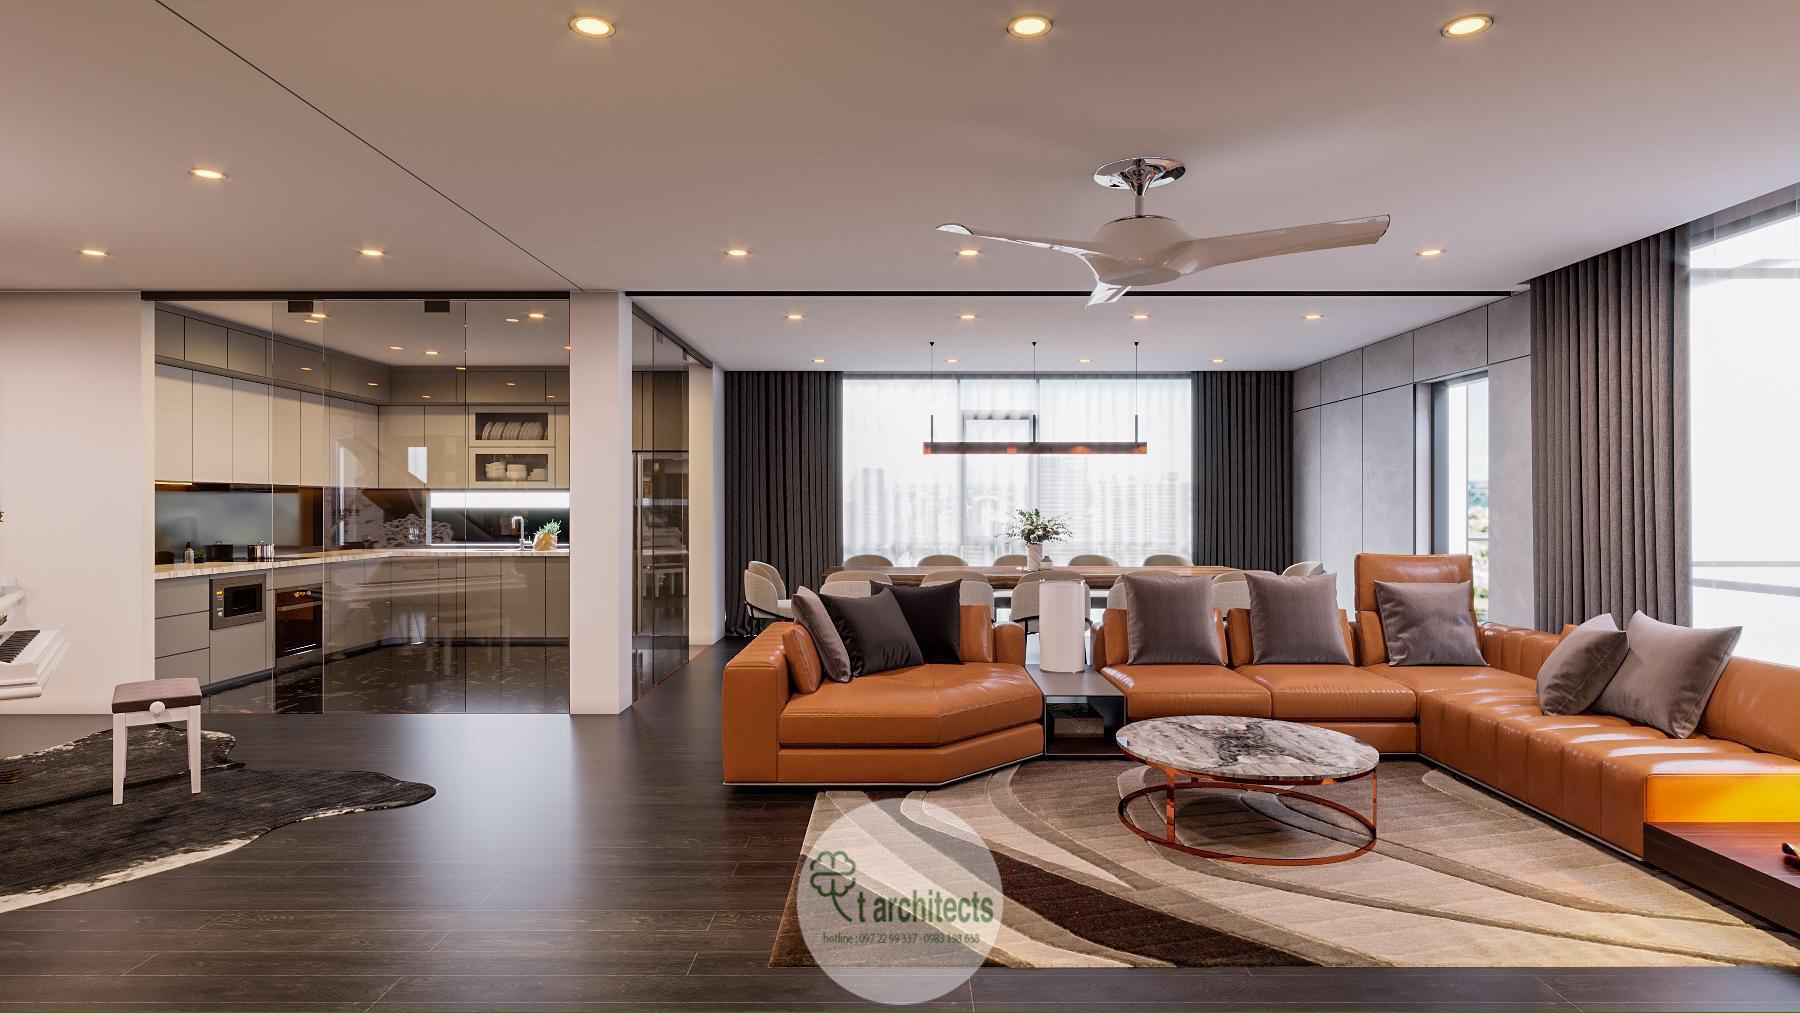 Thiết kế nội thất Chung Cư tại Thanh Hóa Nội thất tầng sinh hoạt của Học Viện Thẩm Mỹ Loan's Spa 1589764319 1